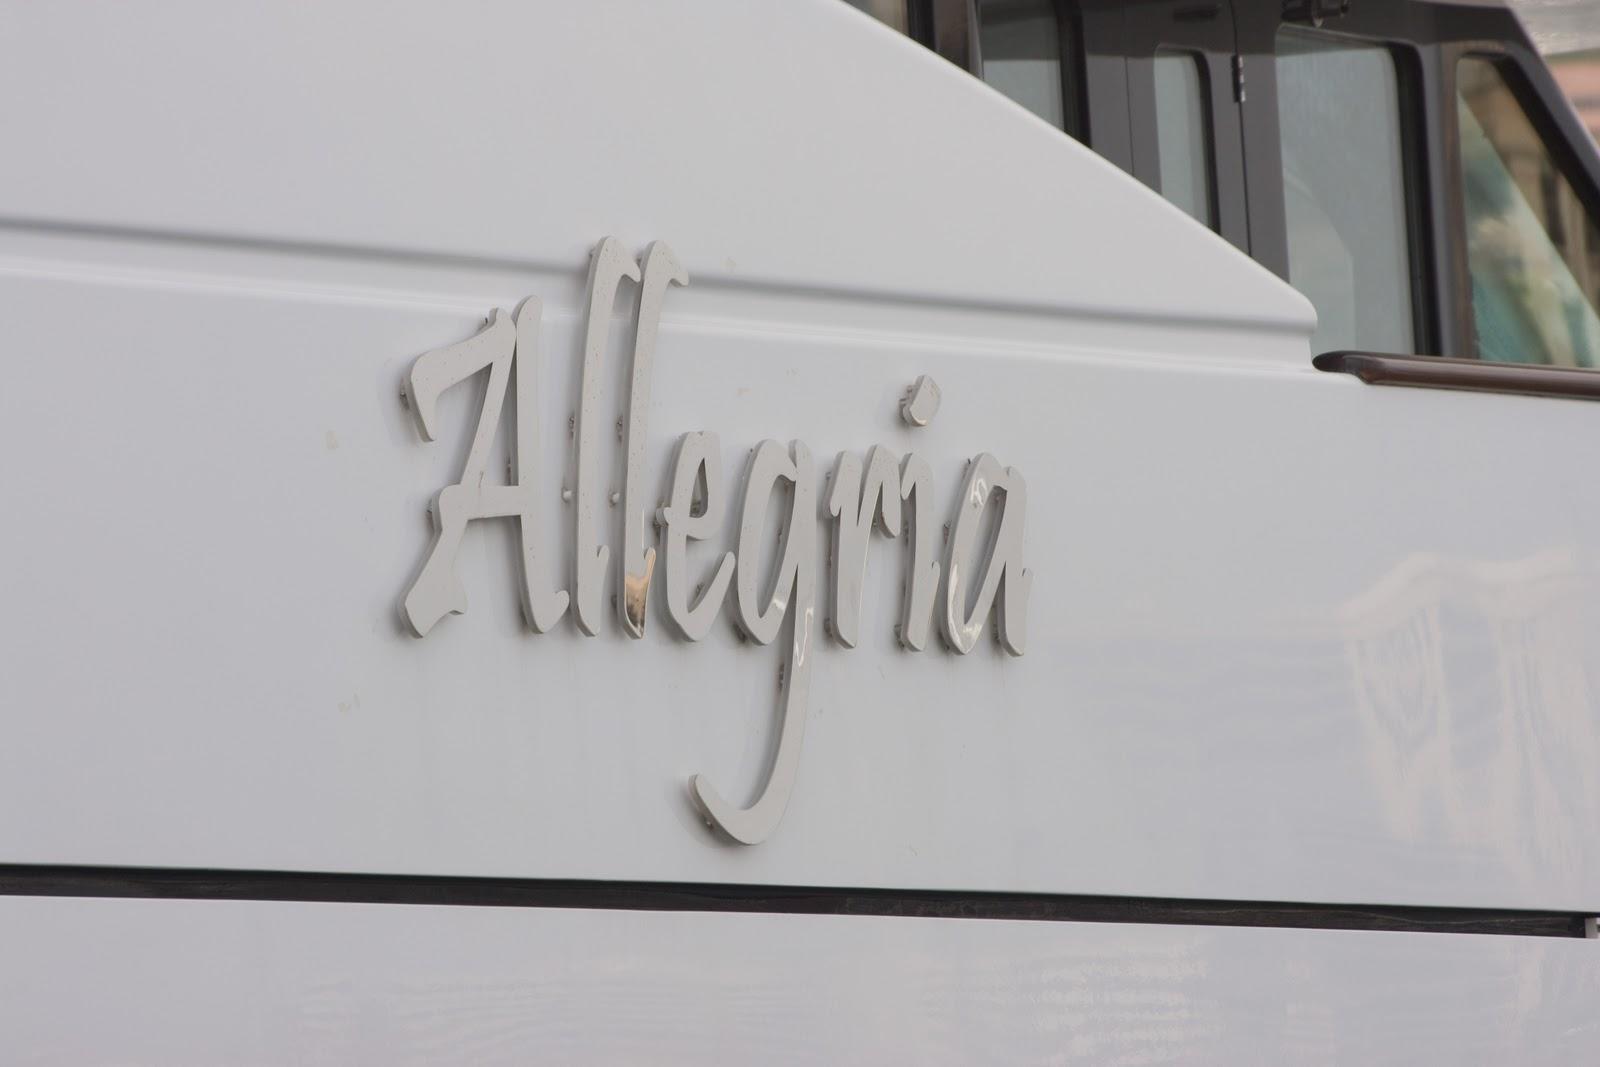 gama alta italiano anal en Las Palmas de Gran Canaria